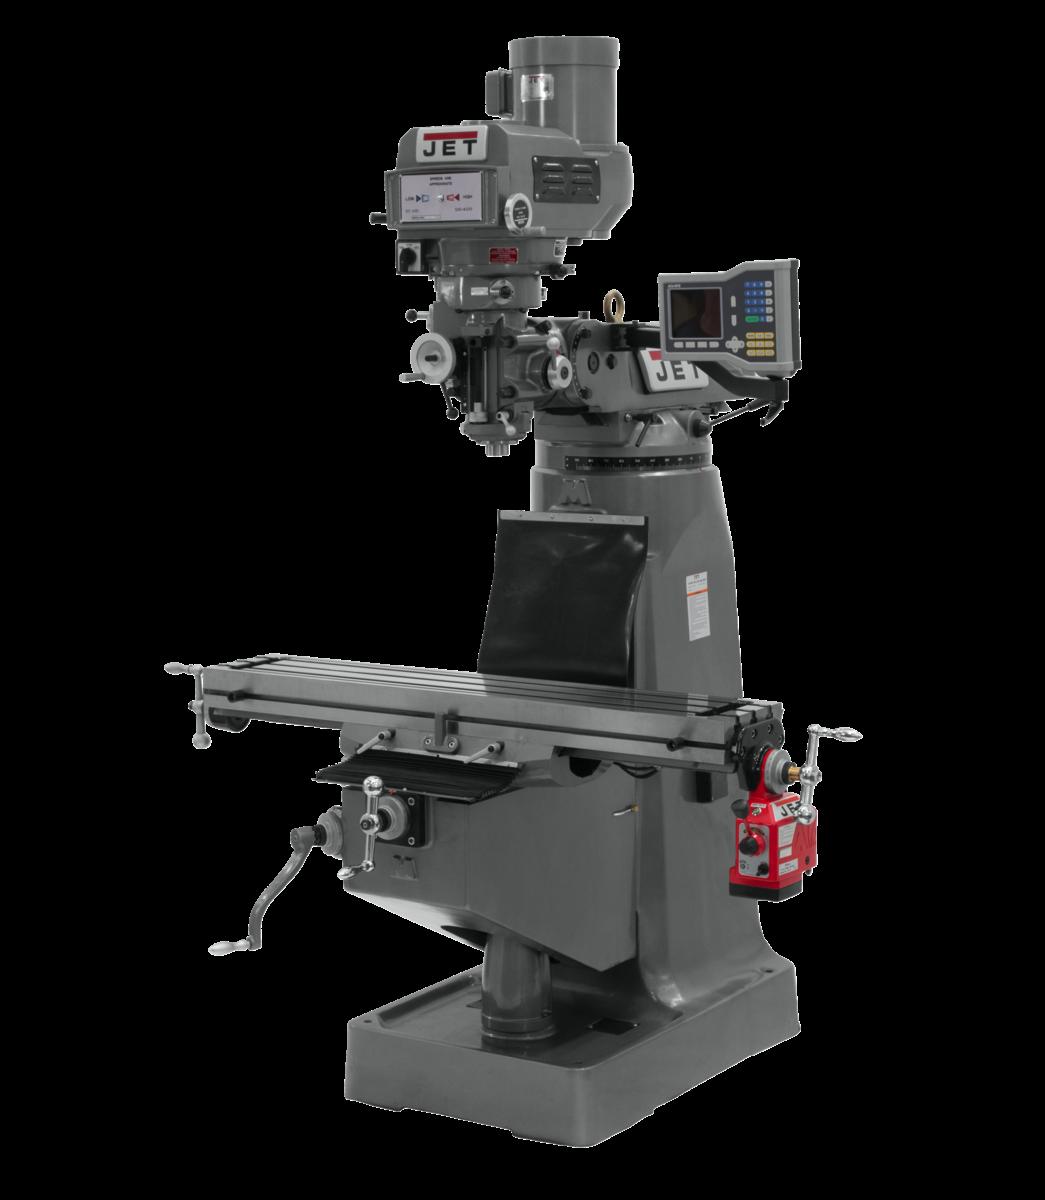 JTM-4VS-1 Fresadora con visualizador de posición digital 300S y TPFA eje X